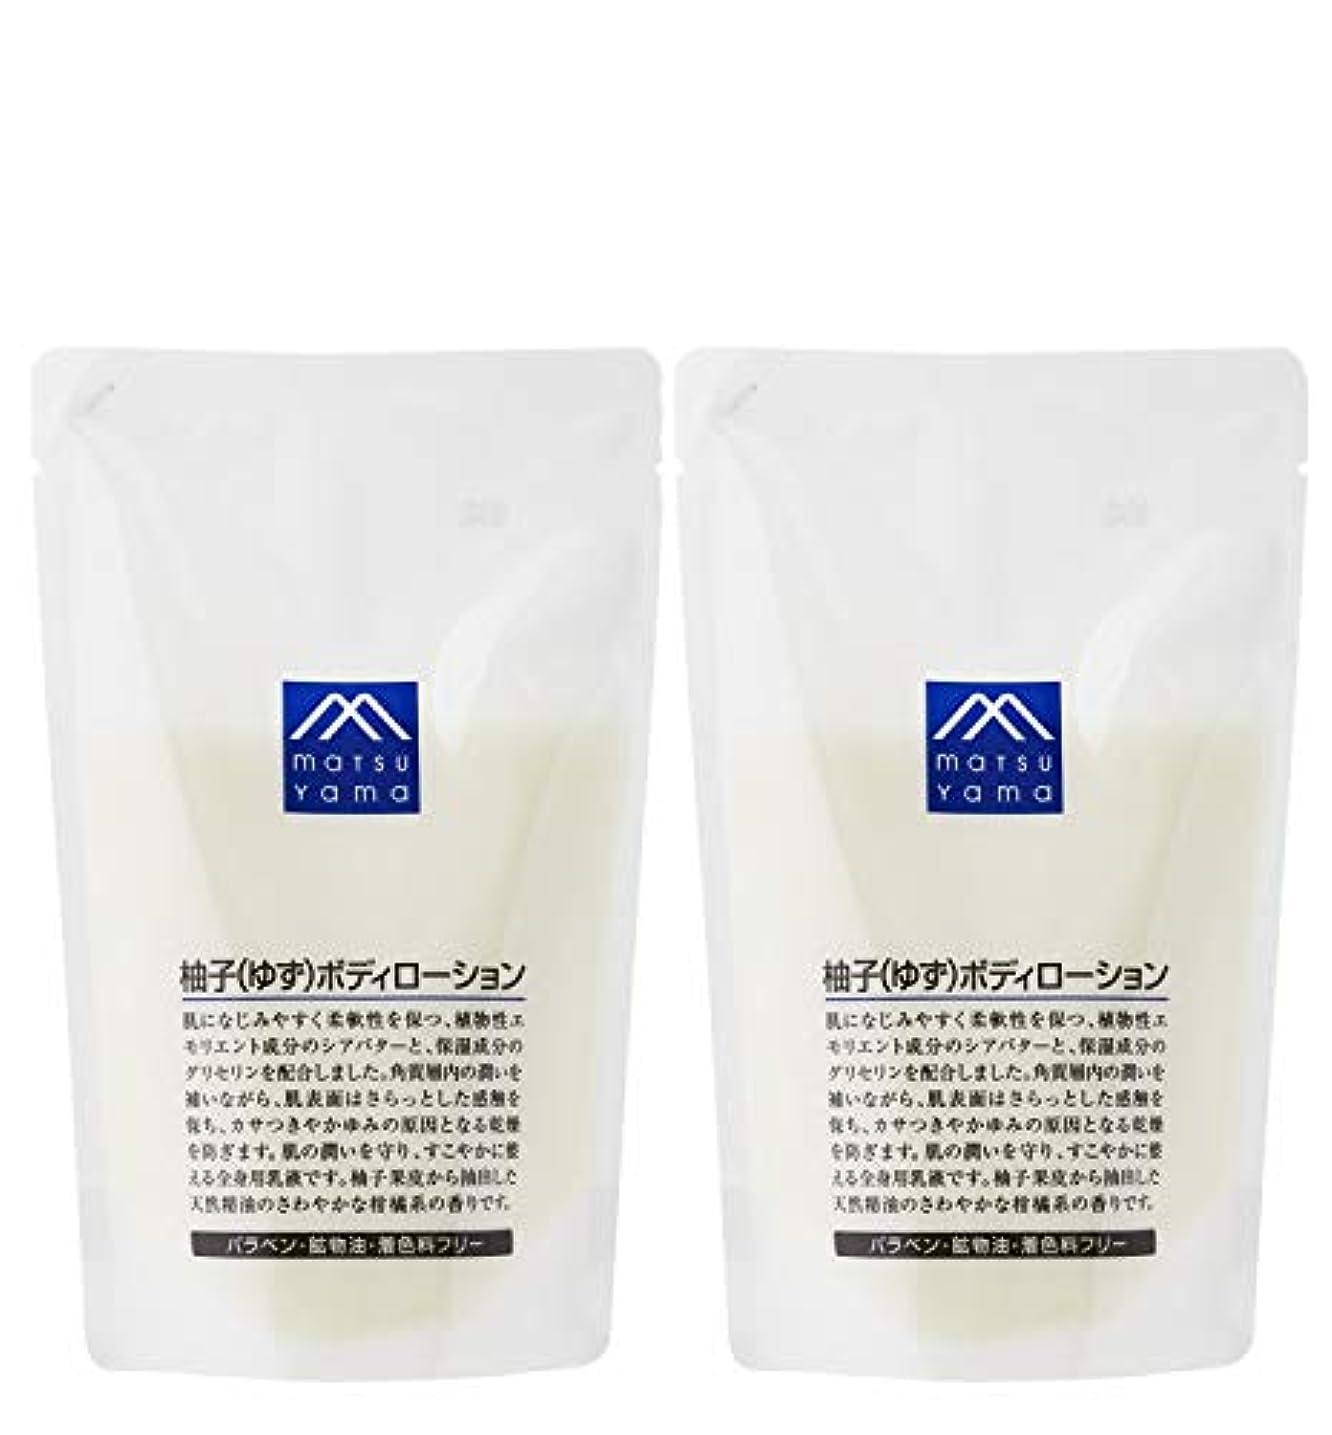 液化する操る腐敗【2個セット】M-mark 柚子(ゆず) ボディローション詰替用 280ml × 2個セット